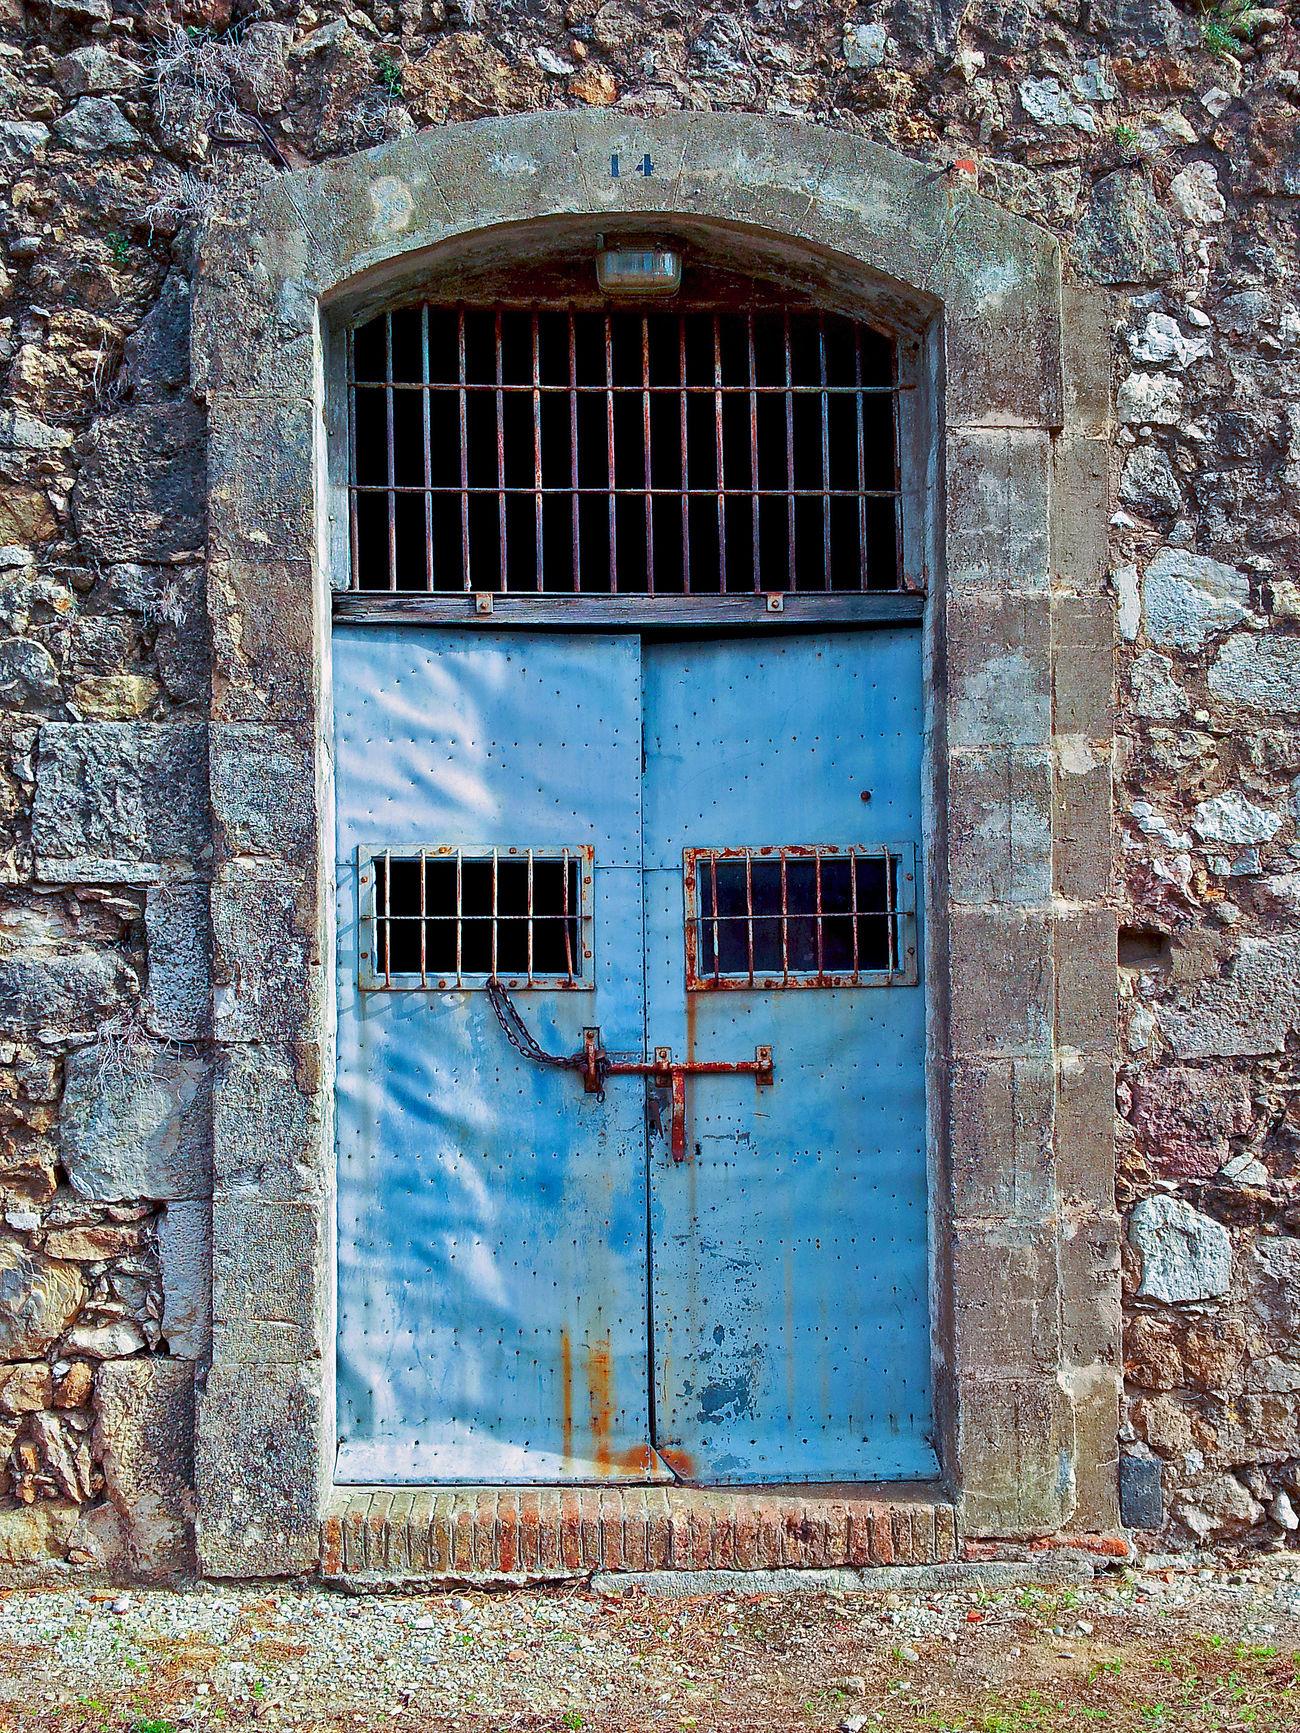 Jail Old Prison Old Prison Gate Old Prison Photography Old Wall Prison Prisonbreak Prisoner